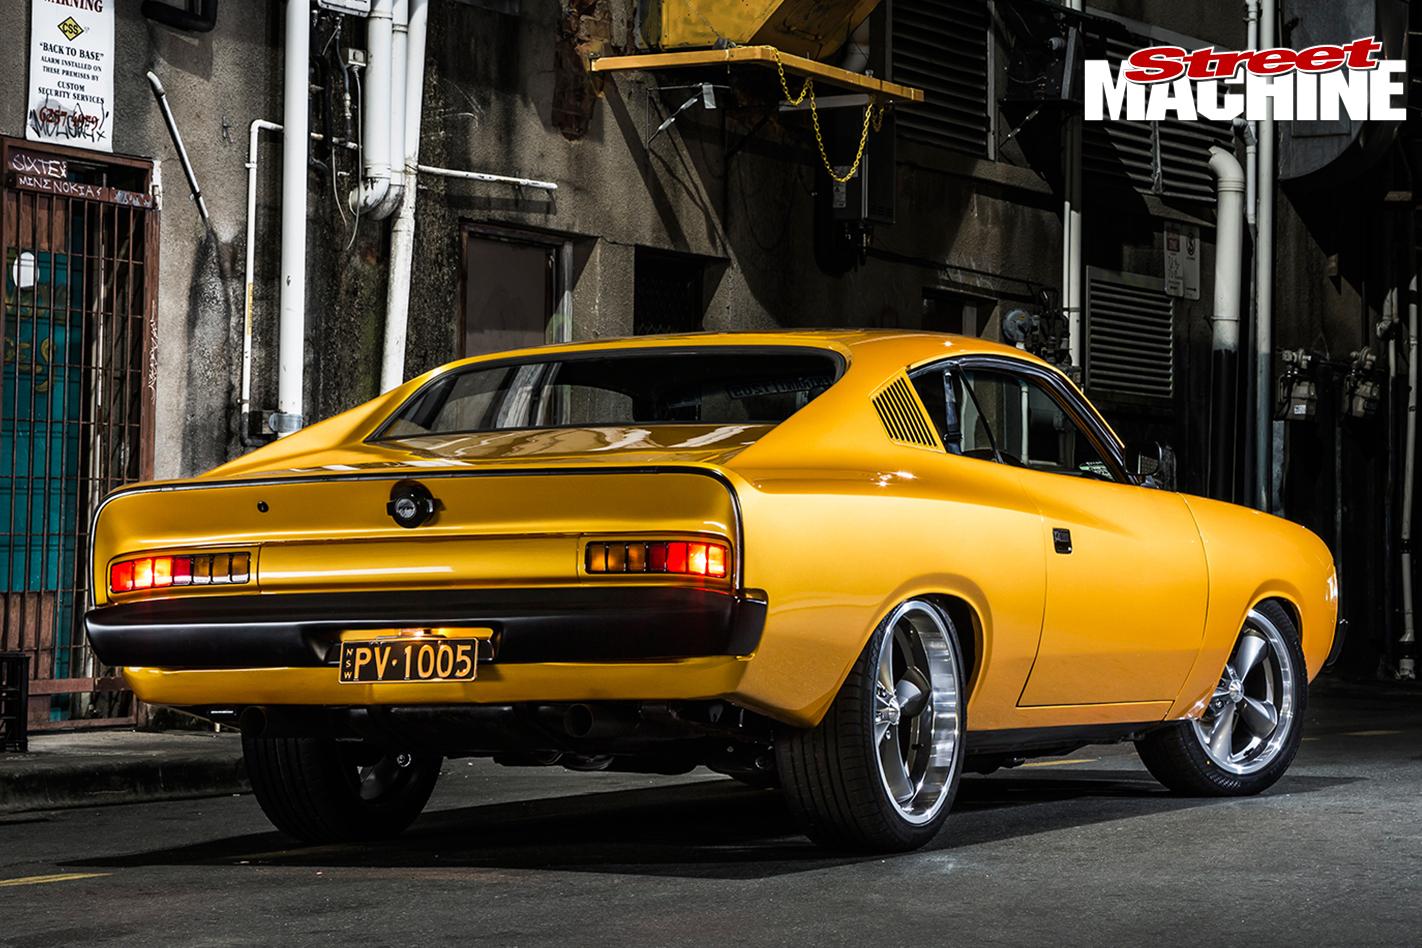 Chrysler -VJ-Charger -rear